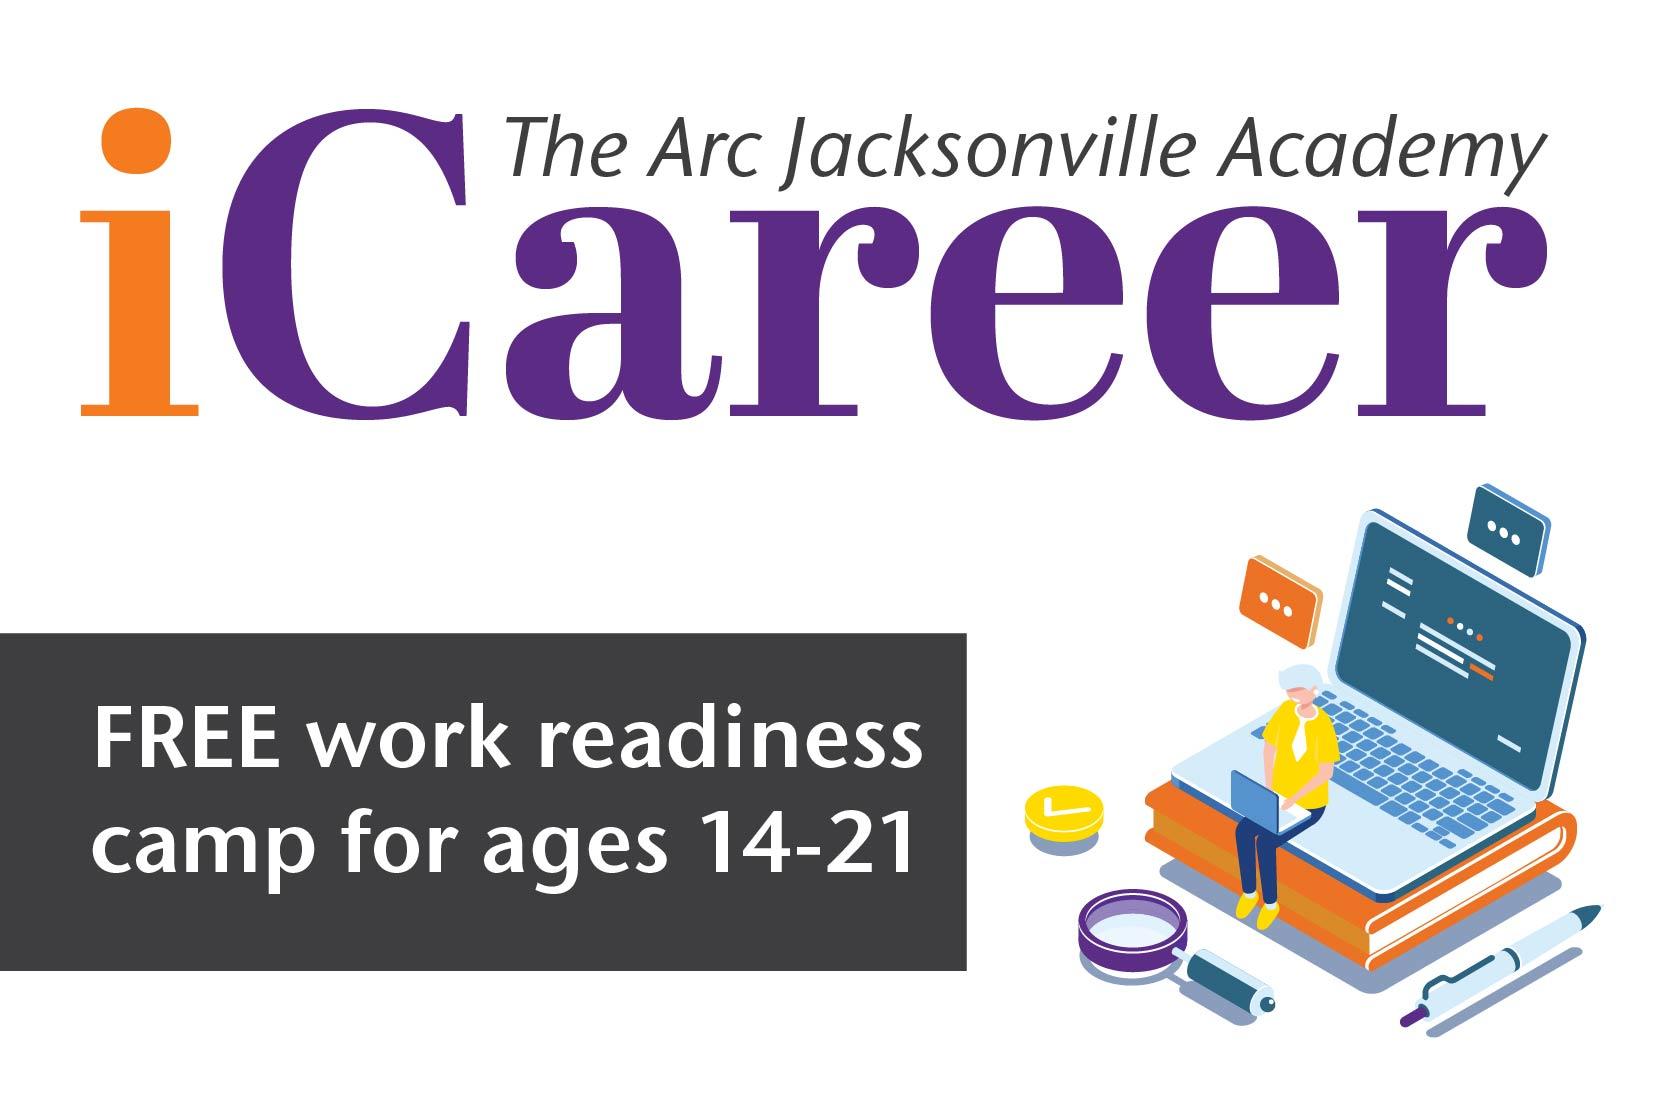 Arc Jacksonville